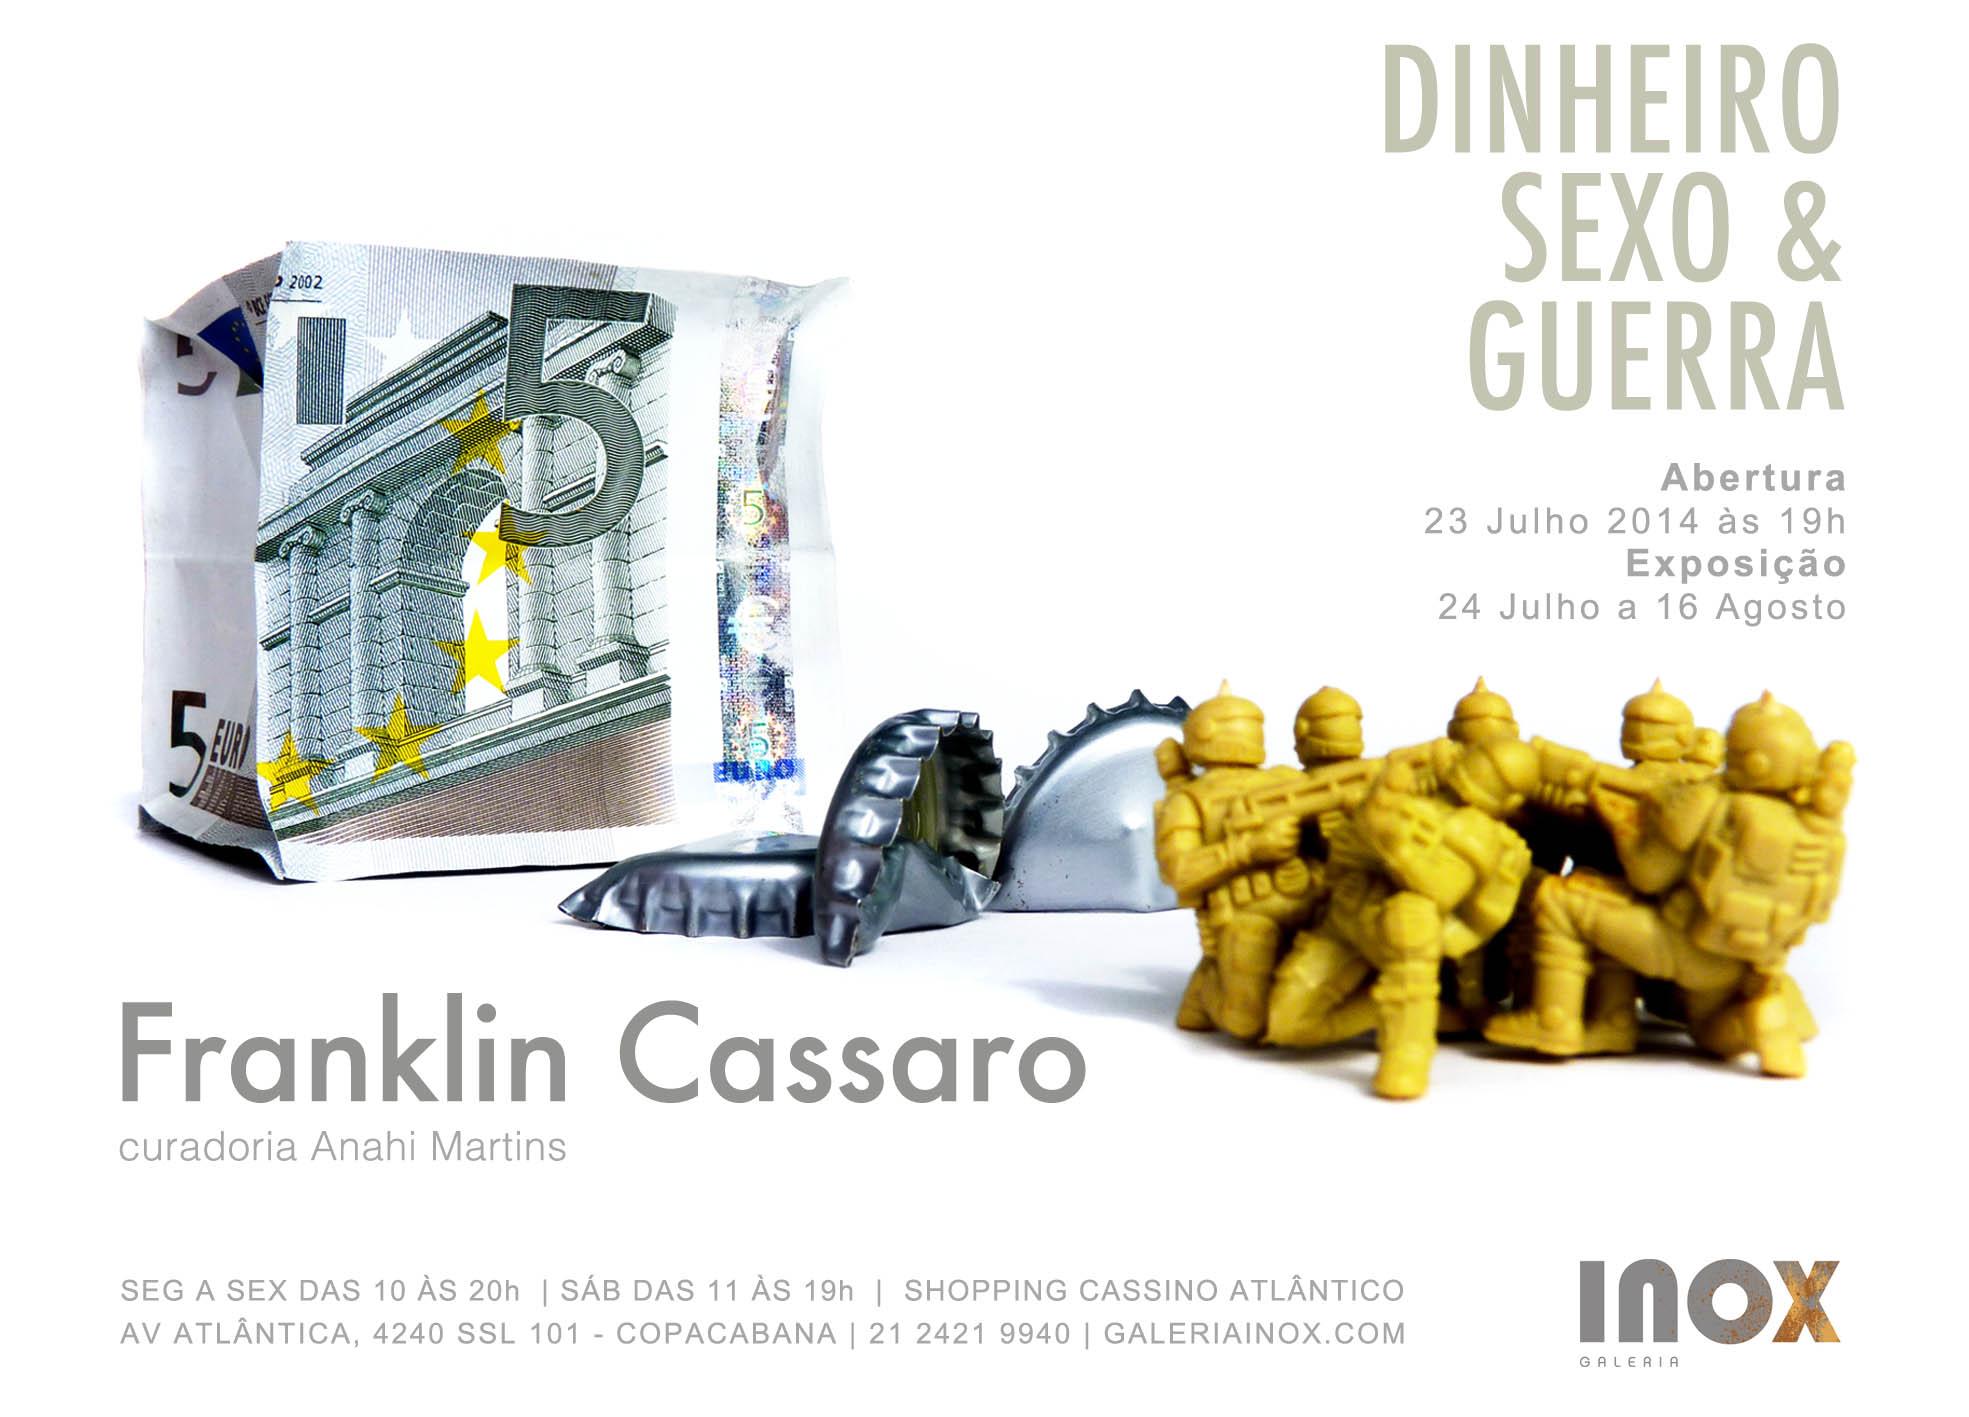 Franklin Cassaro | Dinheiro Sexo & Guerra | 23 de Julho